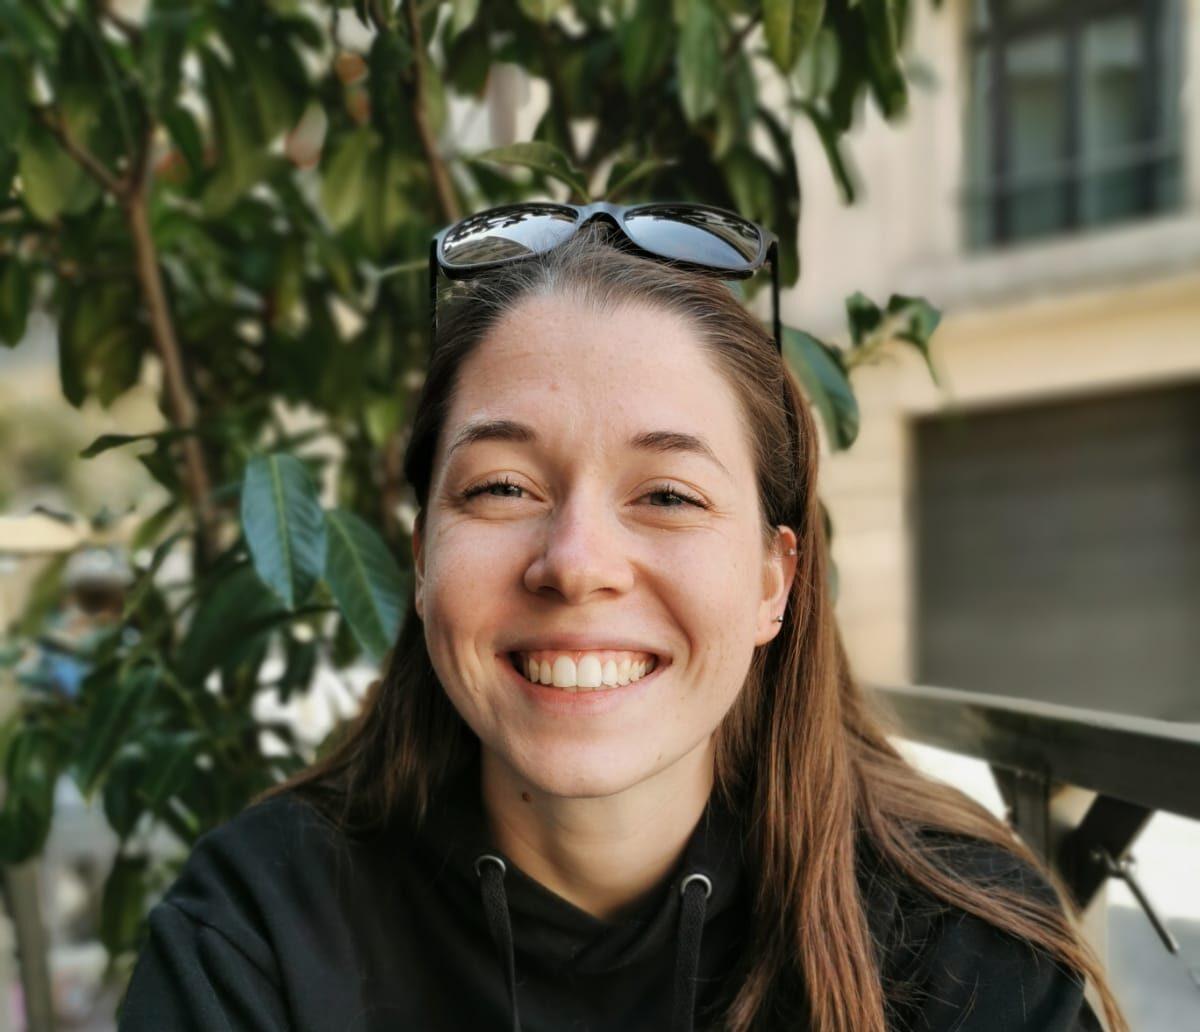 Student, Université de Genève